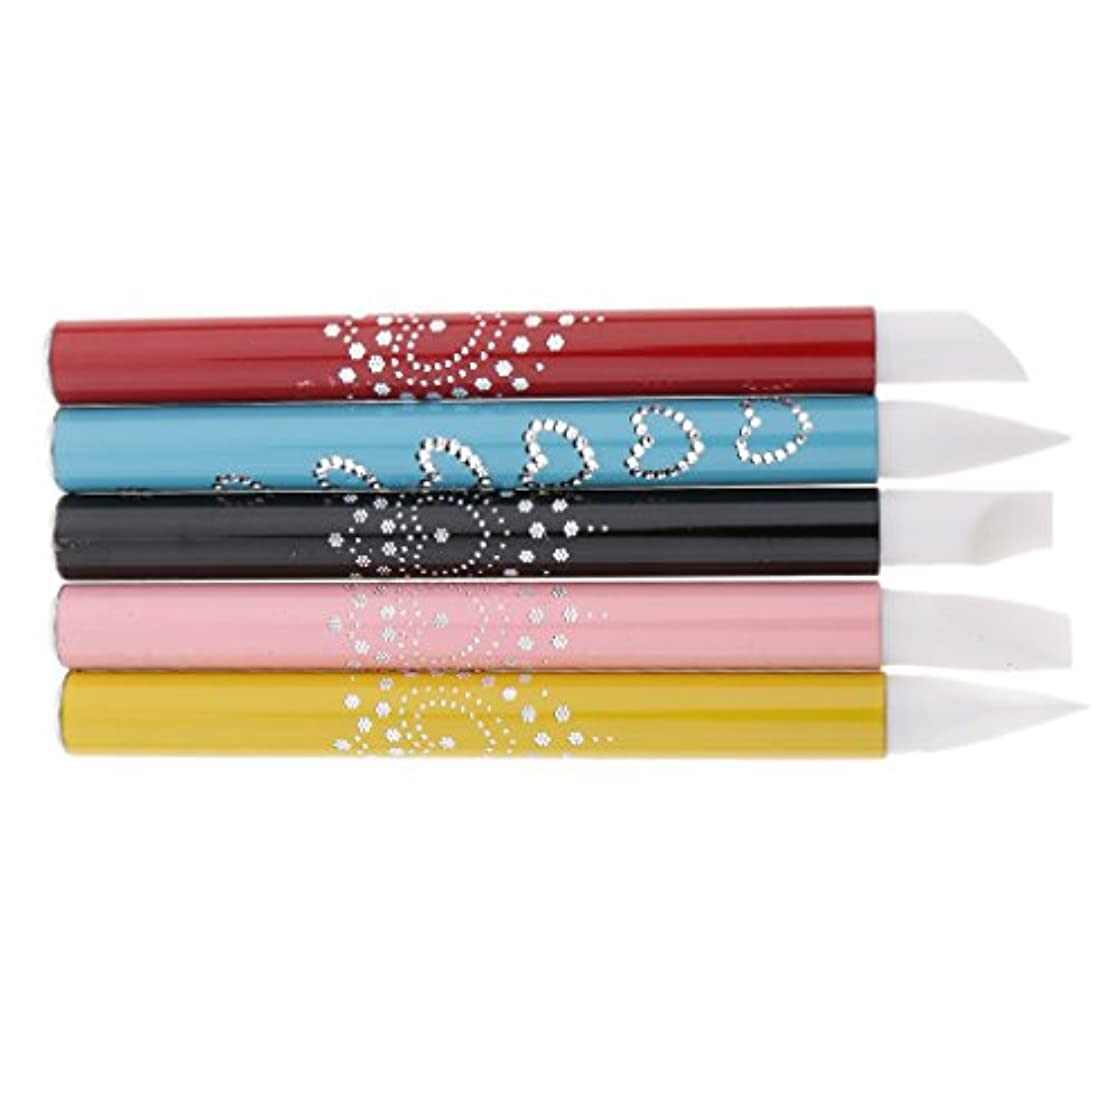 トランクライブラリ大量克服する5個 ネイルアート ネイルペン ネイルブラシ シリコンチップ ブラシチップ 彫刻ペン アルミハンドル 繊細なデザイン プレゼント